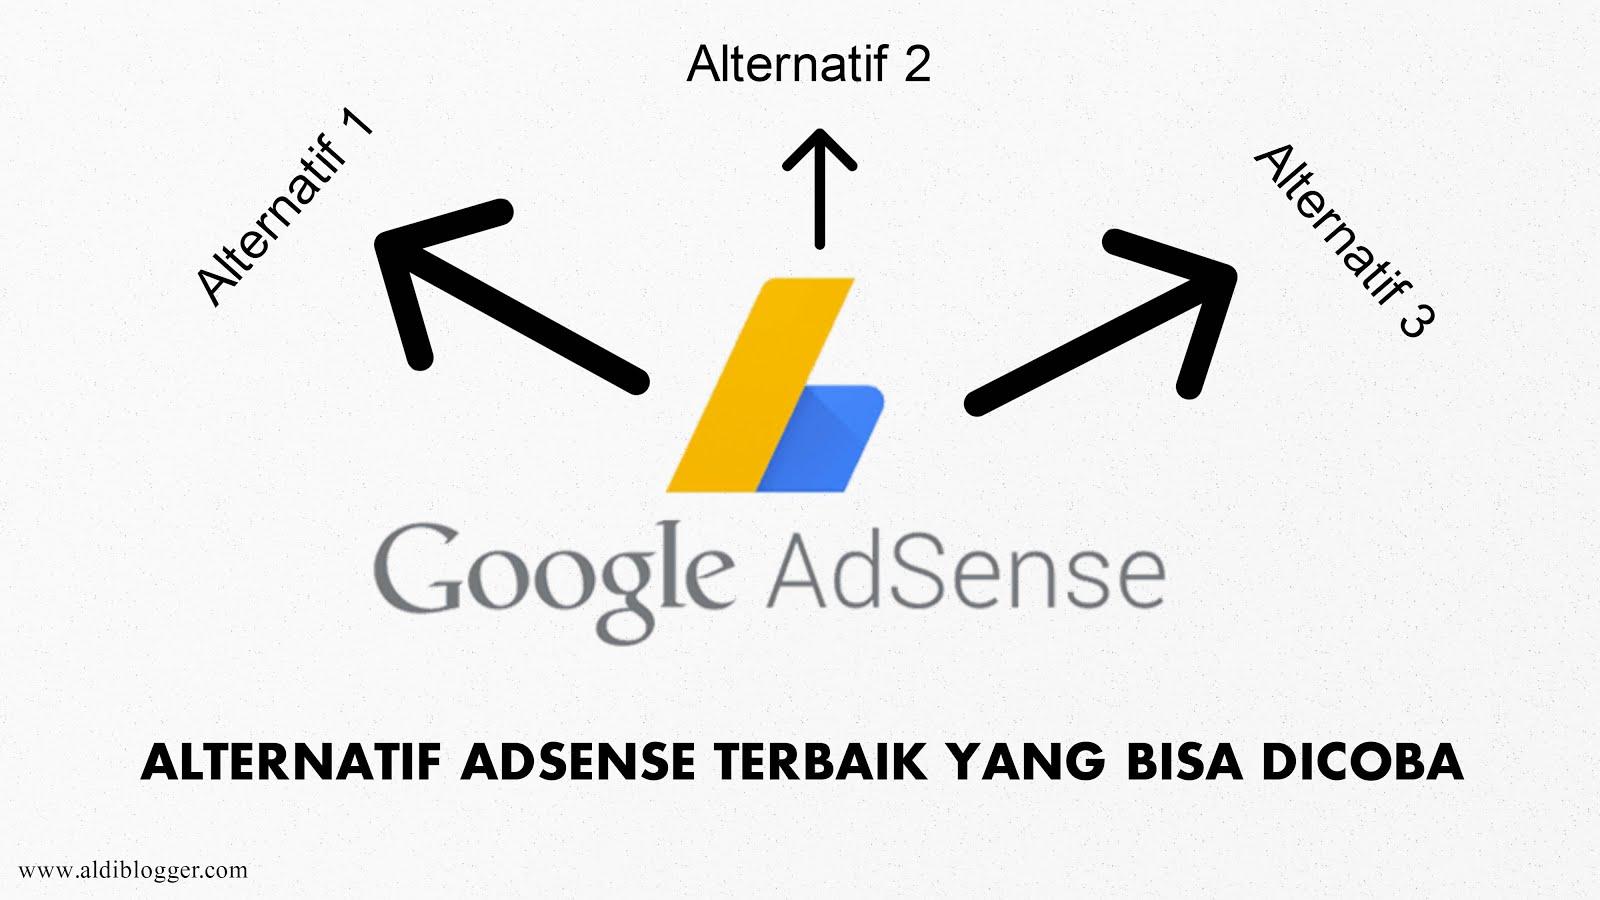 3 Alternatif Google Adsense Terbaik Yang Bisa Dicoba Aldi Blogger